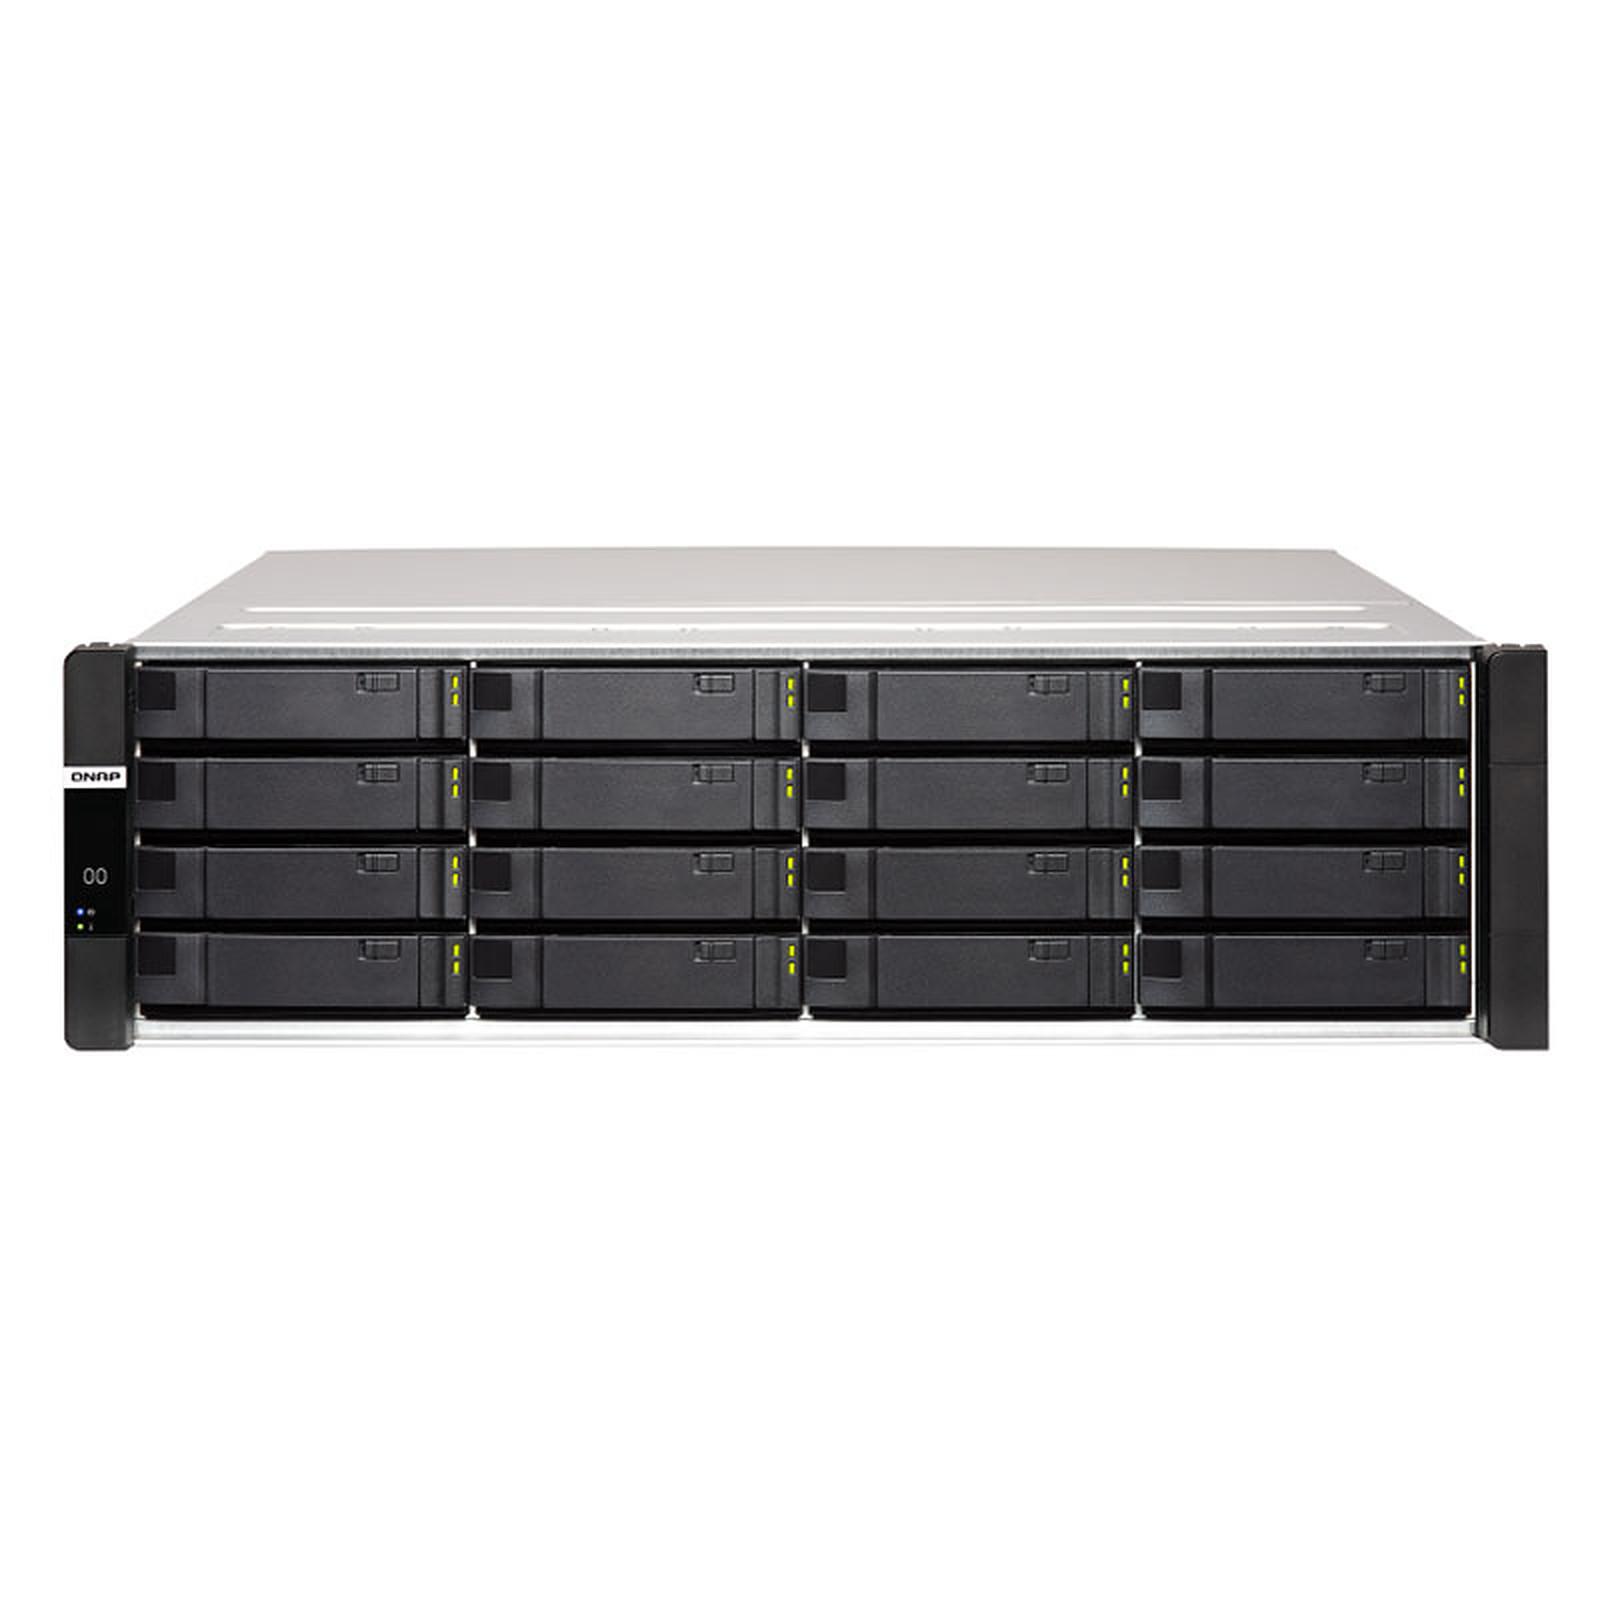 QNAP ES1686DC-2142IT-128G